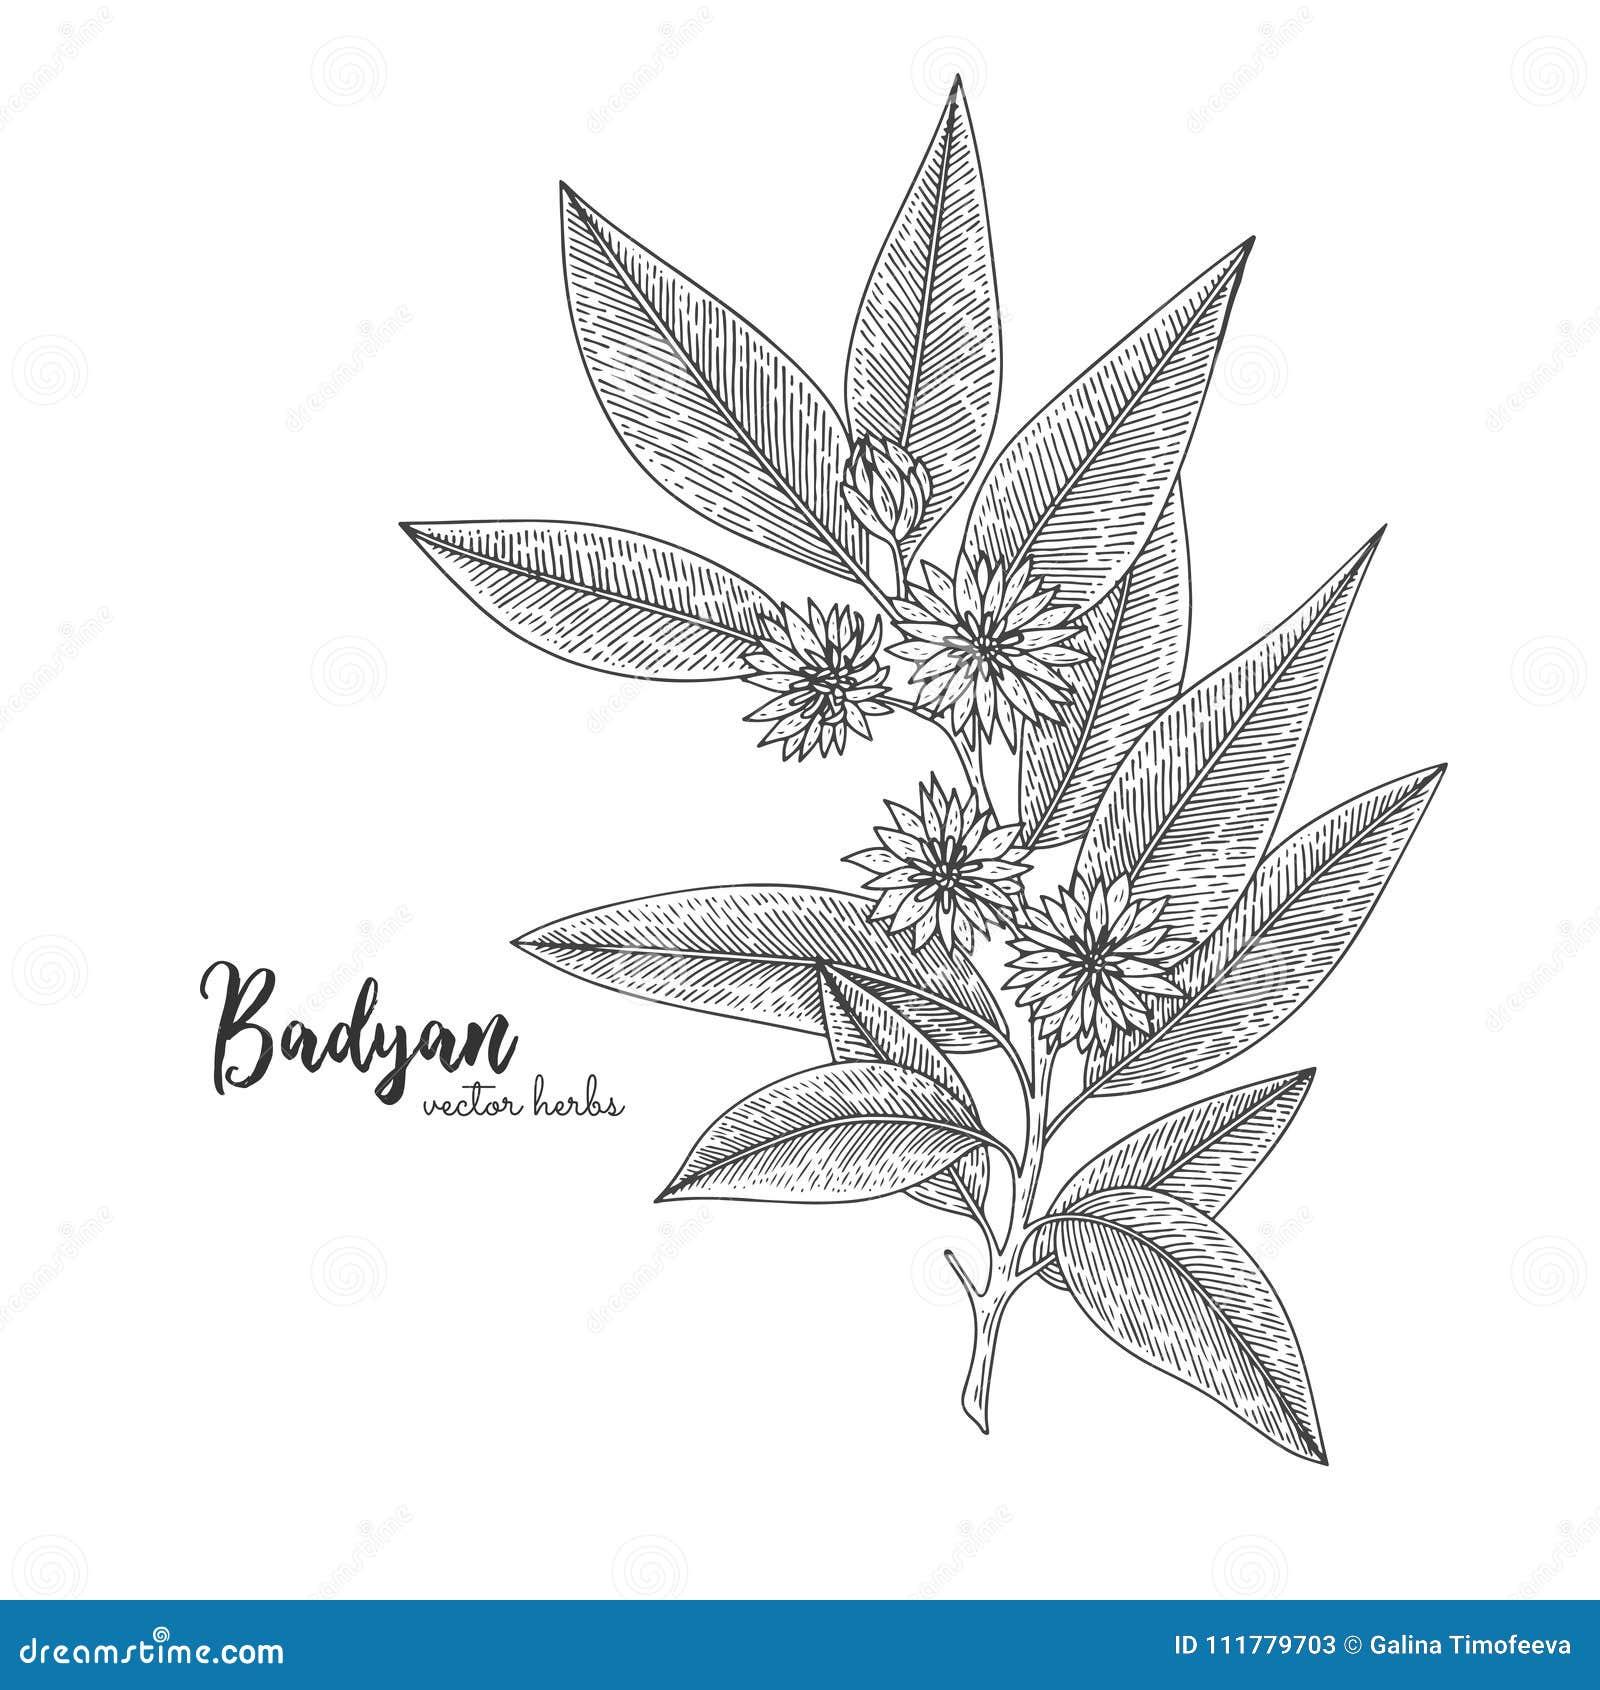 Badyan που απομονώνεται στο άσπρο υπόβαθρο Βοτανική χαραγμένη απεικόνιση ύφους Λεπτομερές οργανικό σκίτσο προϊόντων Βοτανικό χέρι